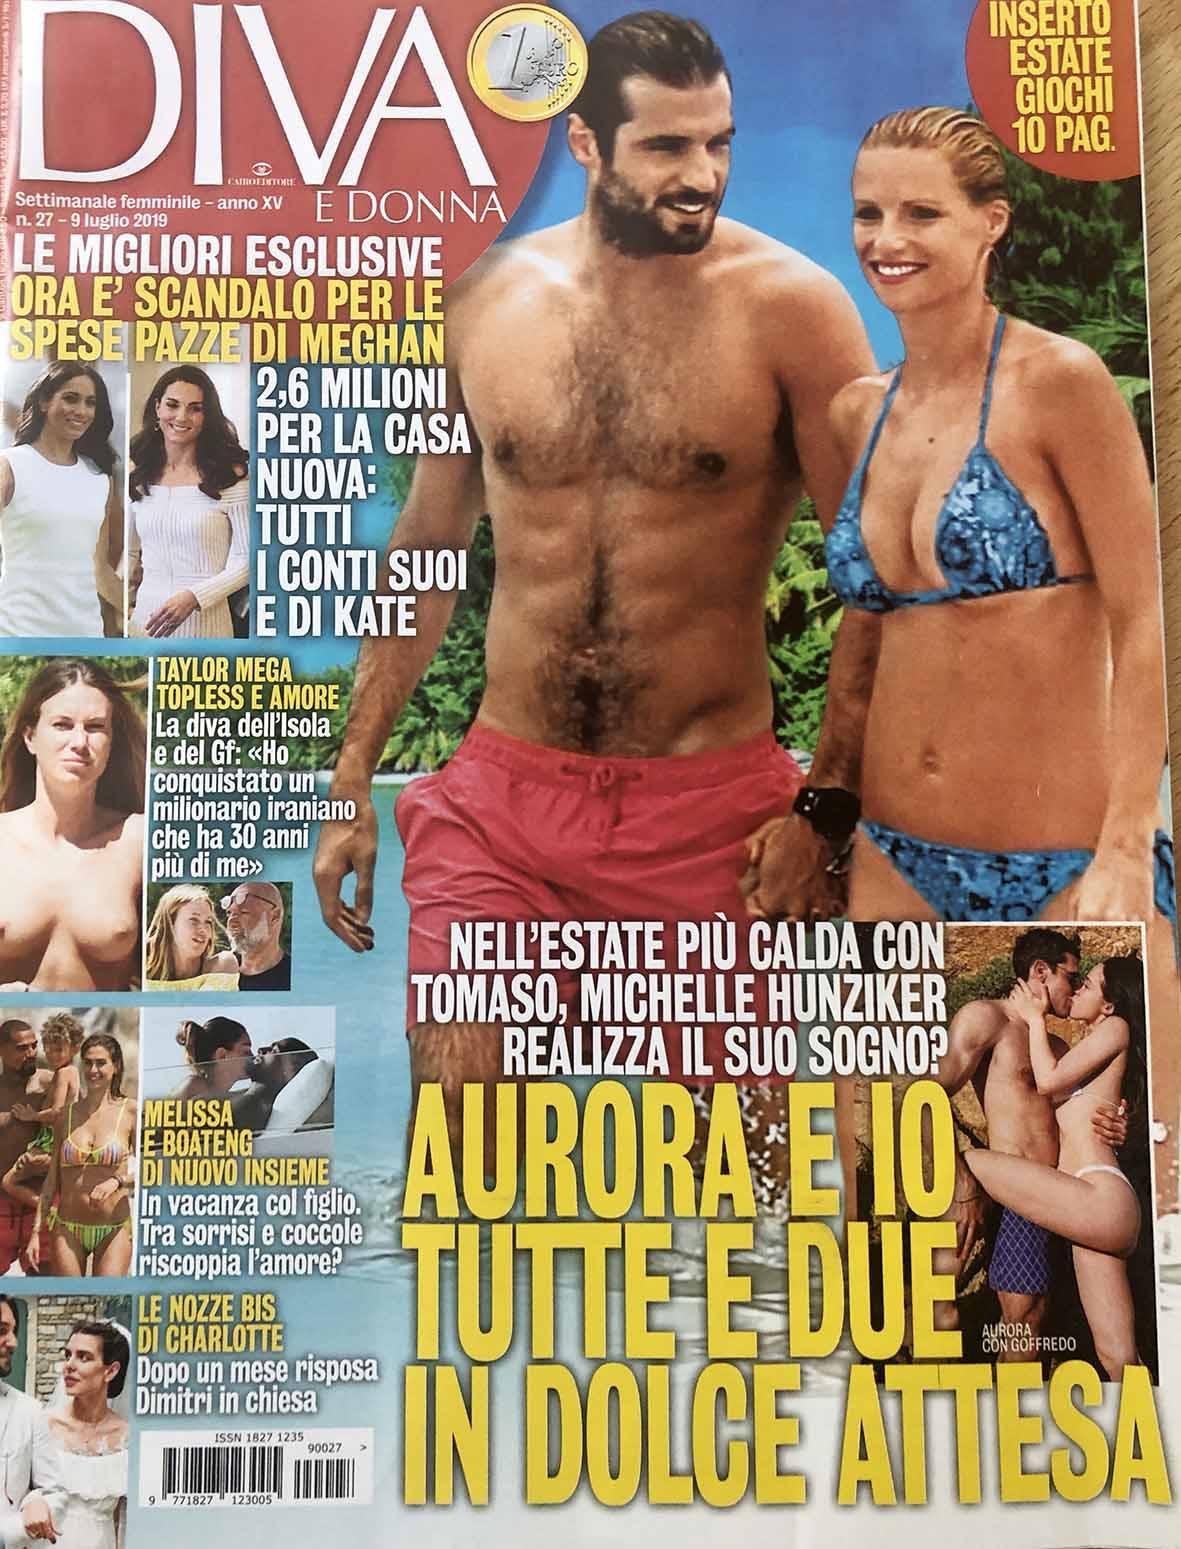 La copertina del magazine con la notizia della gravidanza di Michelle e Aurora